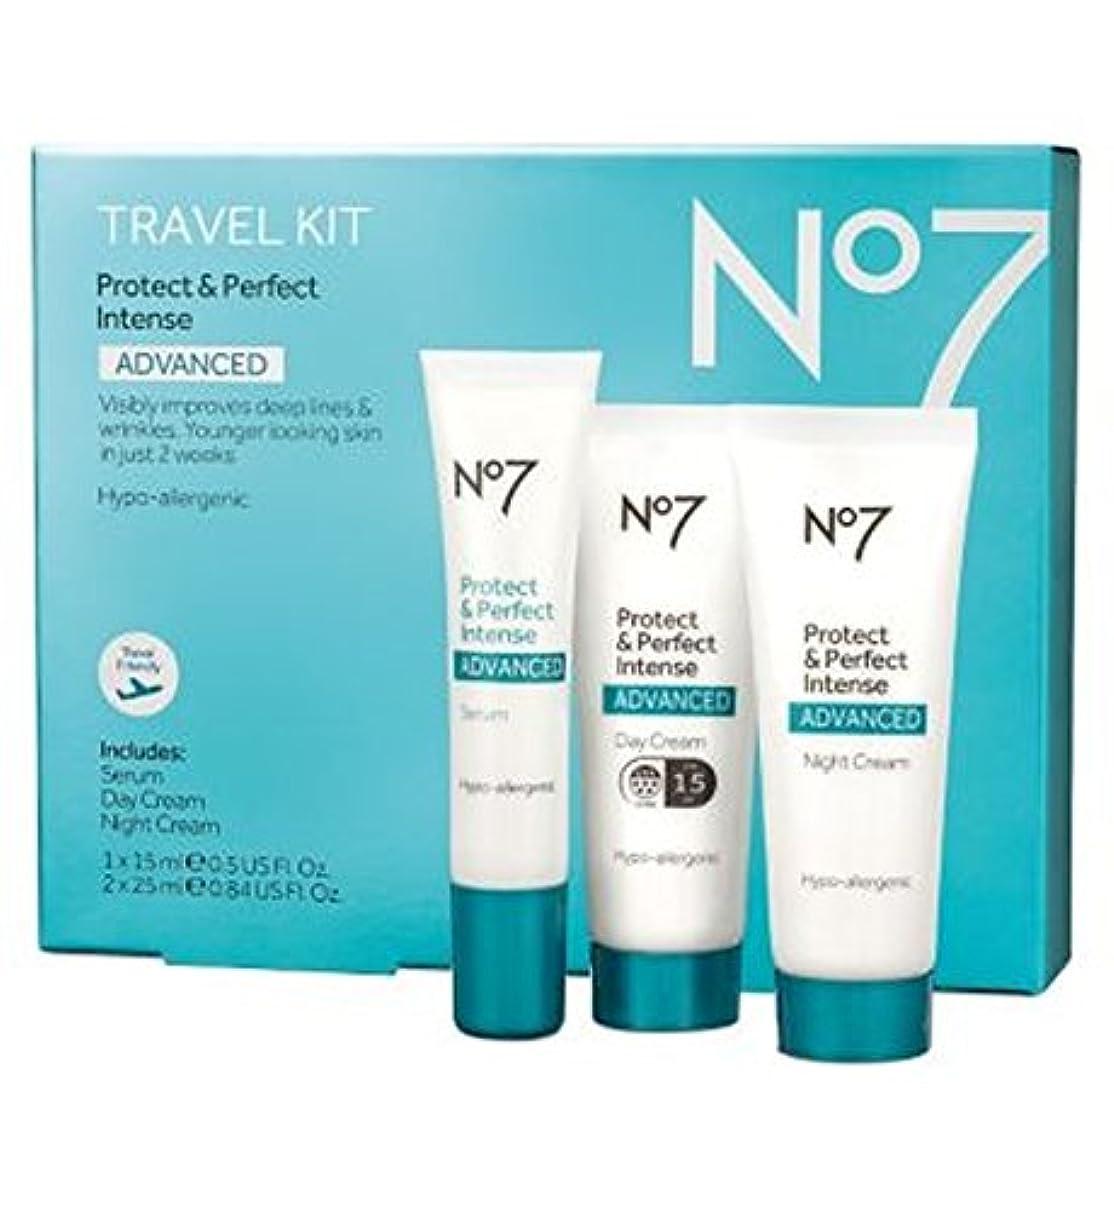 統計的が欲しい厳No7保護&完璧な強烈な高度な旅行キット (No7) (x2) - No7 Protect & Perfect Intense ADVANCED Travel Kit (Pack of 2) [並行輸入品]